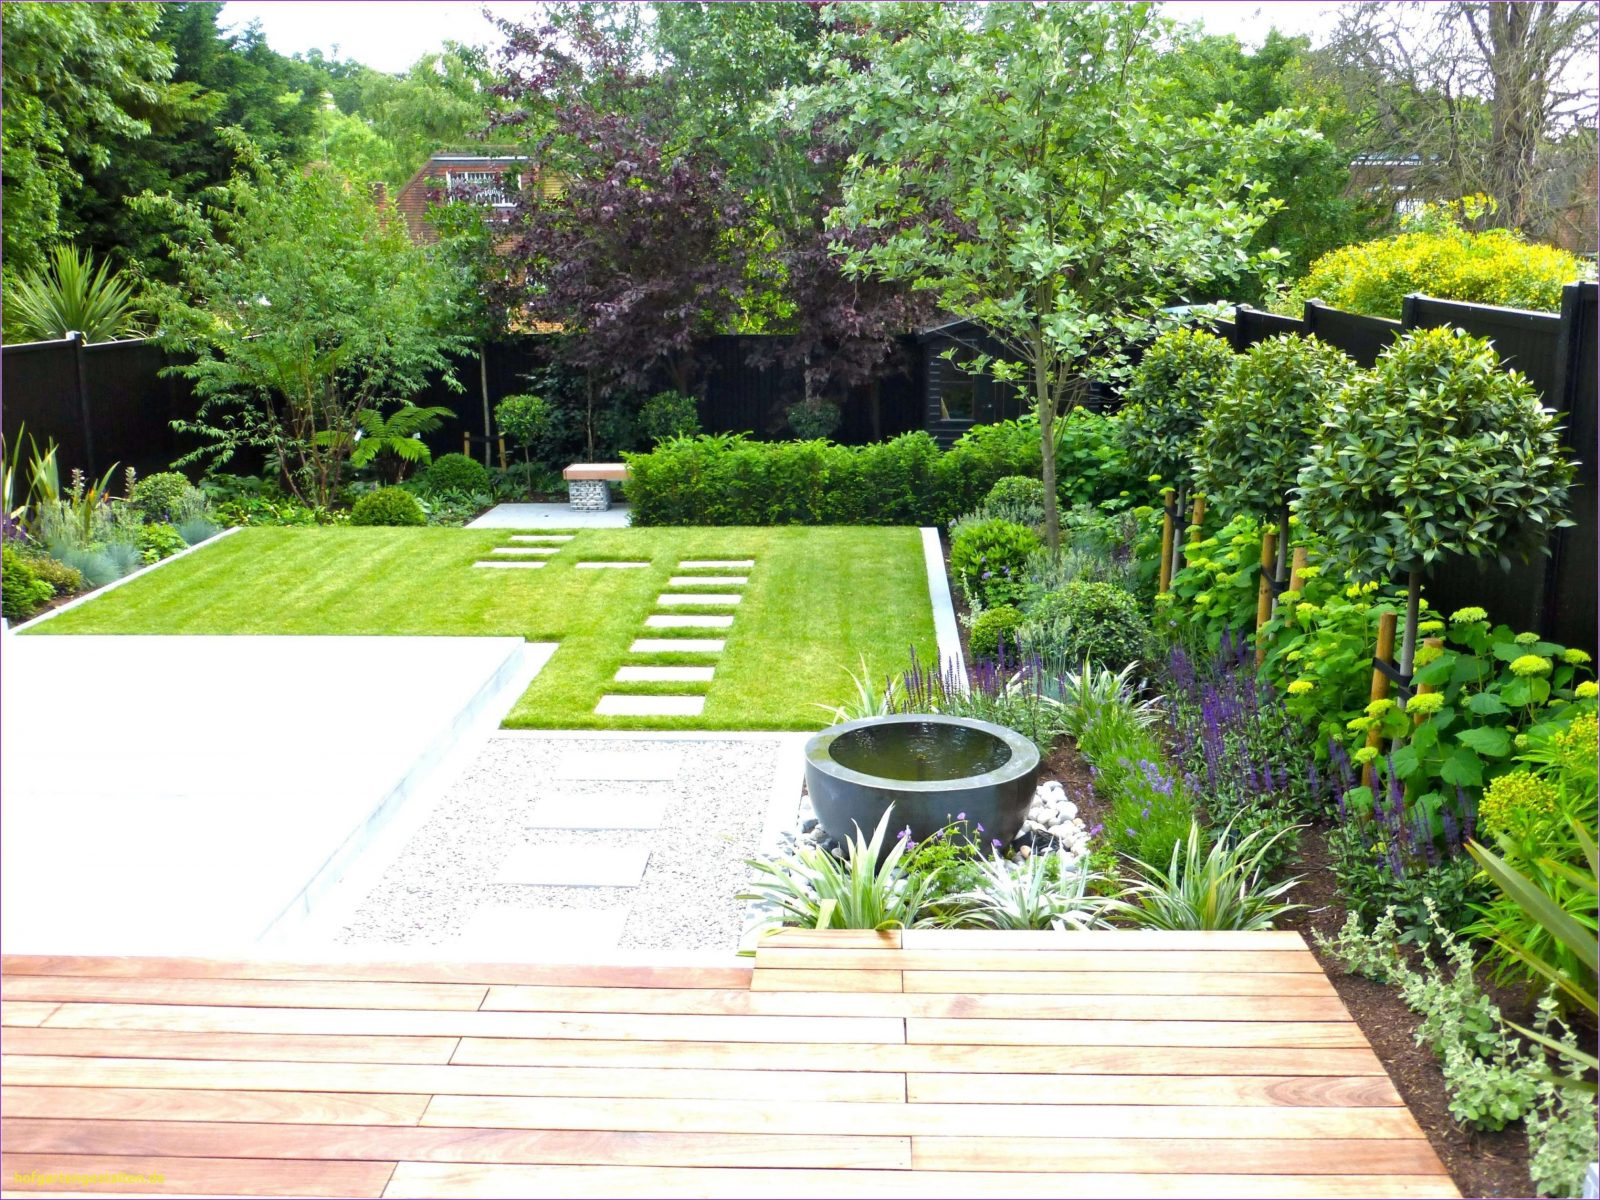 Garten Anlegen Mit Steinen Frisch 35 Frisch Garten Mit Kies Anlegen von Gartengestaltung Mit Steinen Und Kies Bilder Bild